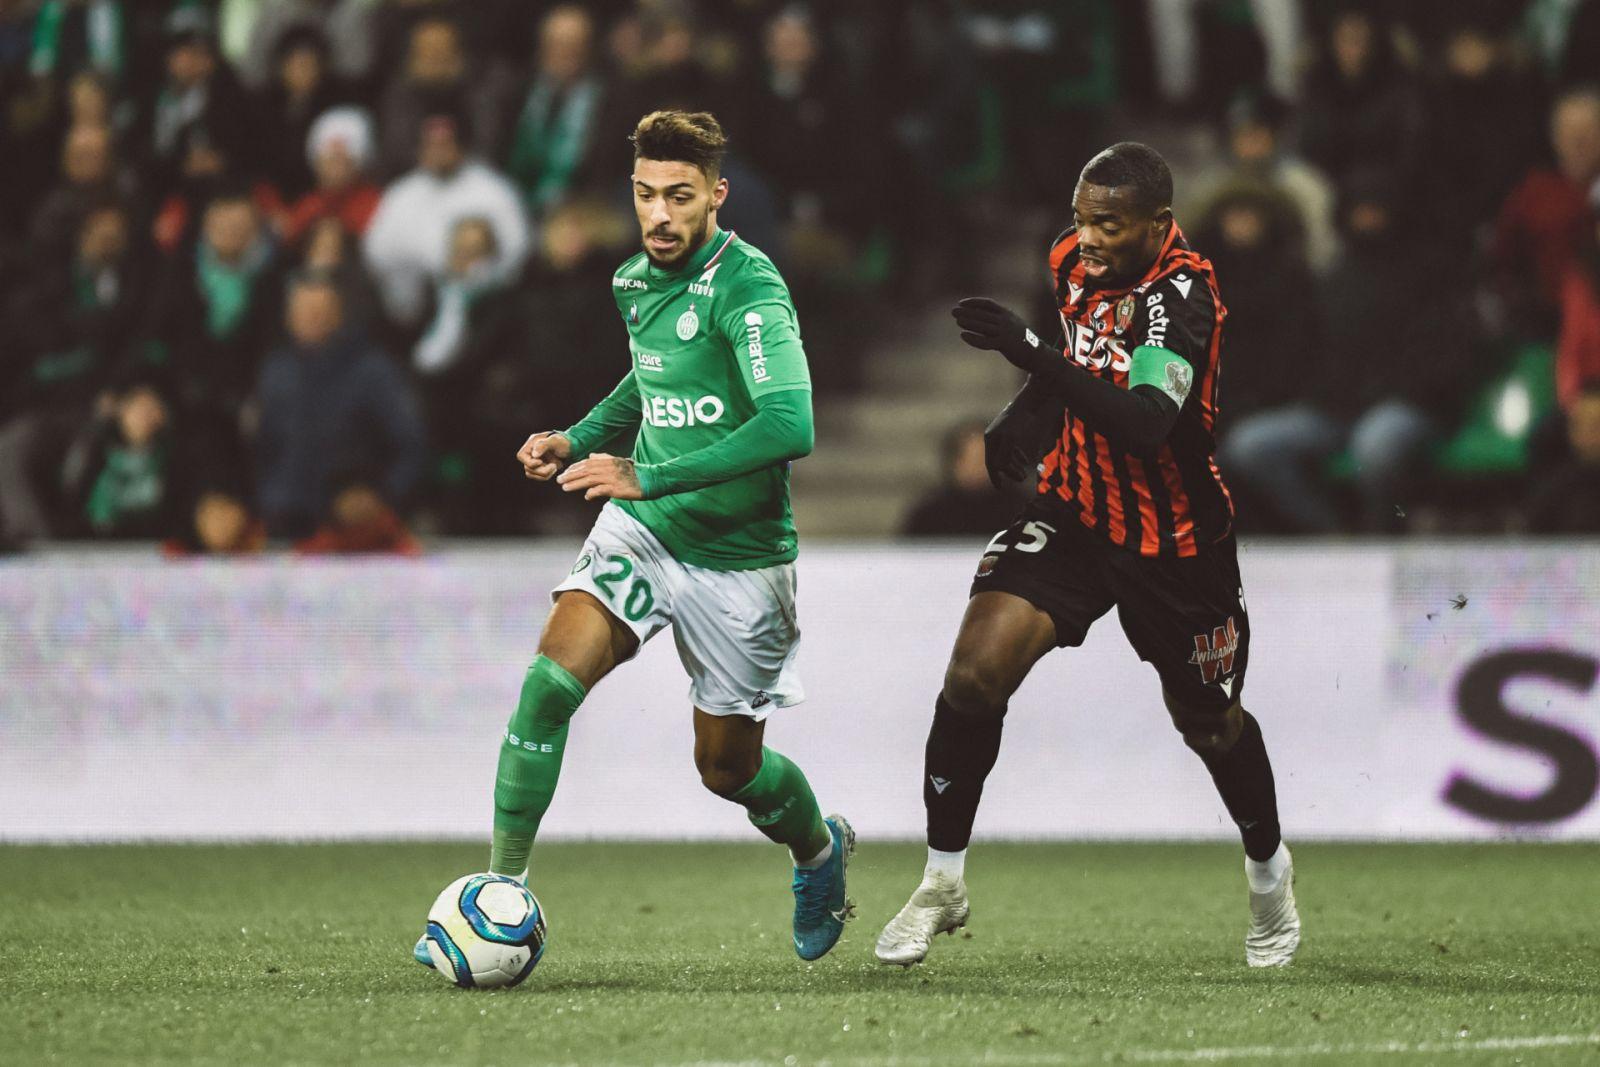 Pronostic Gratuit Saint Etienne Nice Ligue 1